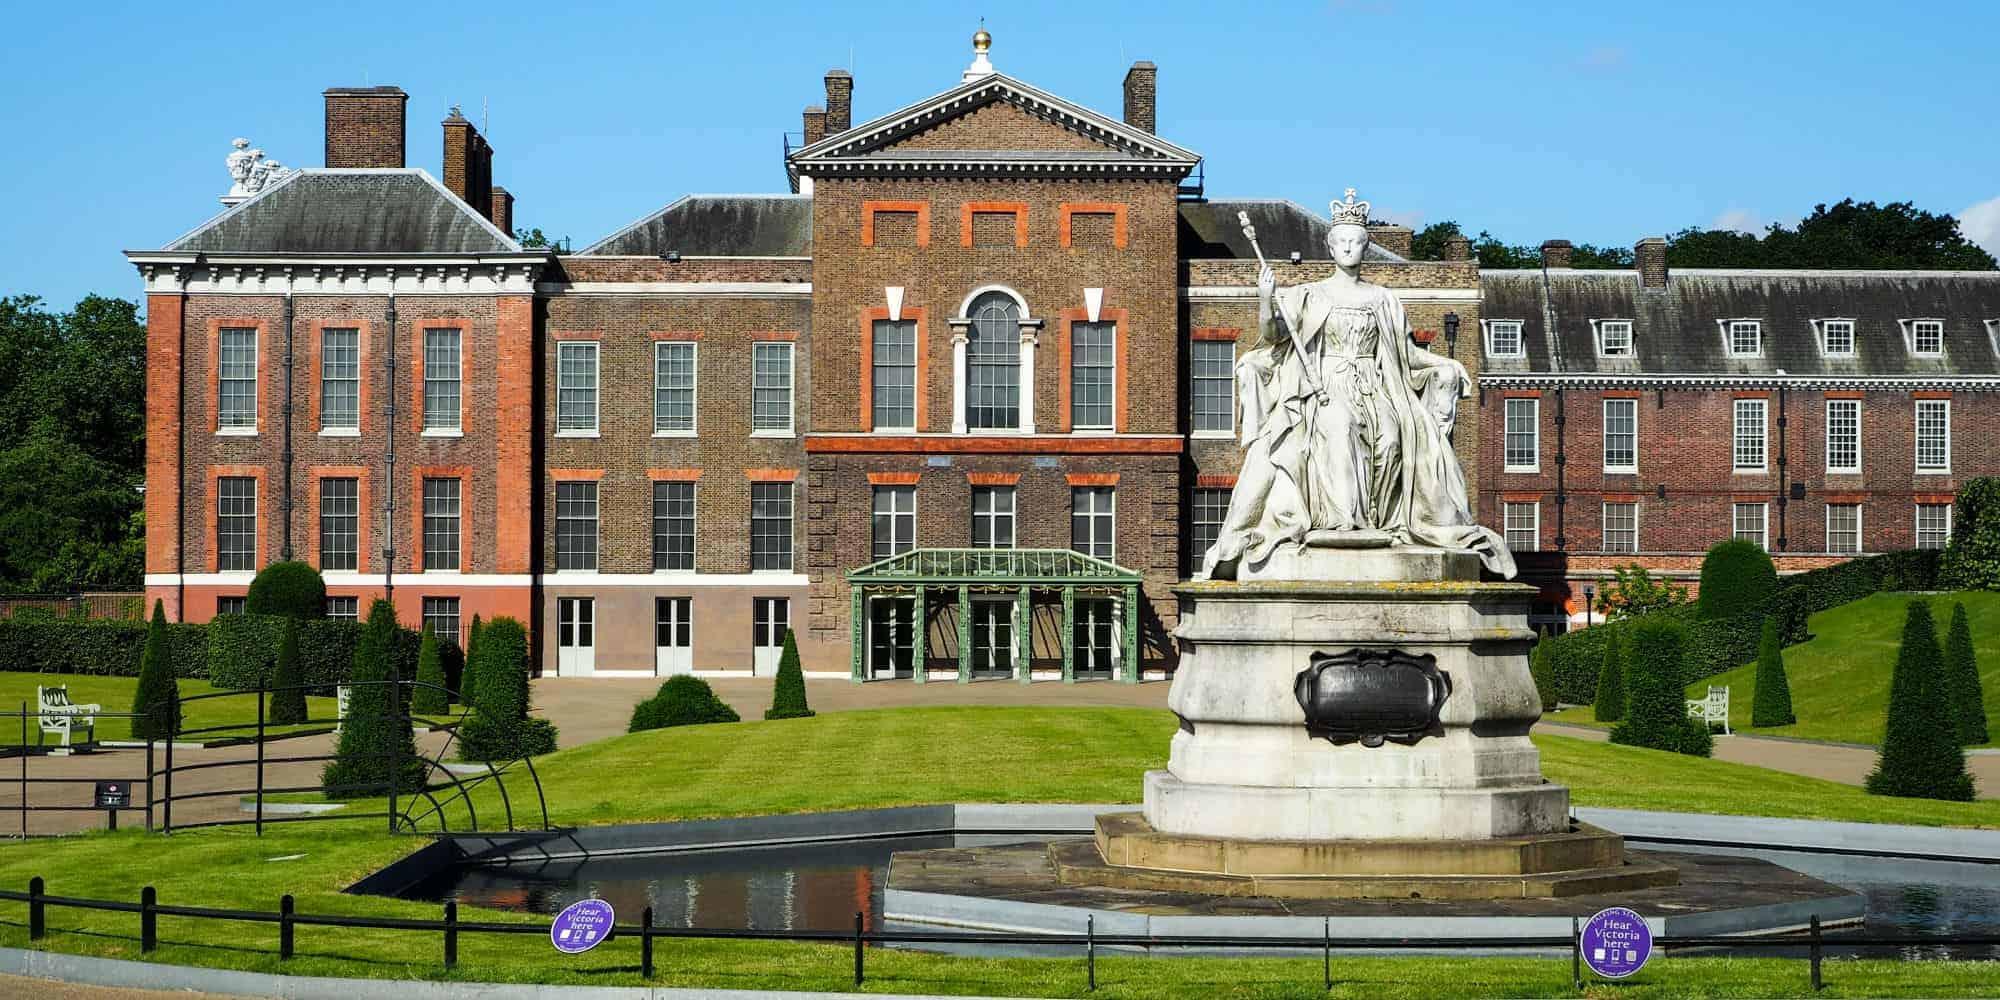 Atualmente Meghan Markle e o príncipe estão morando no Palácio Kensington